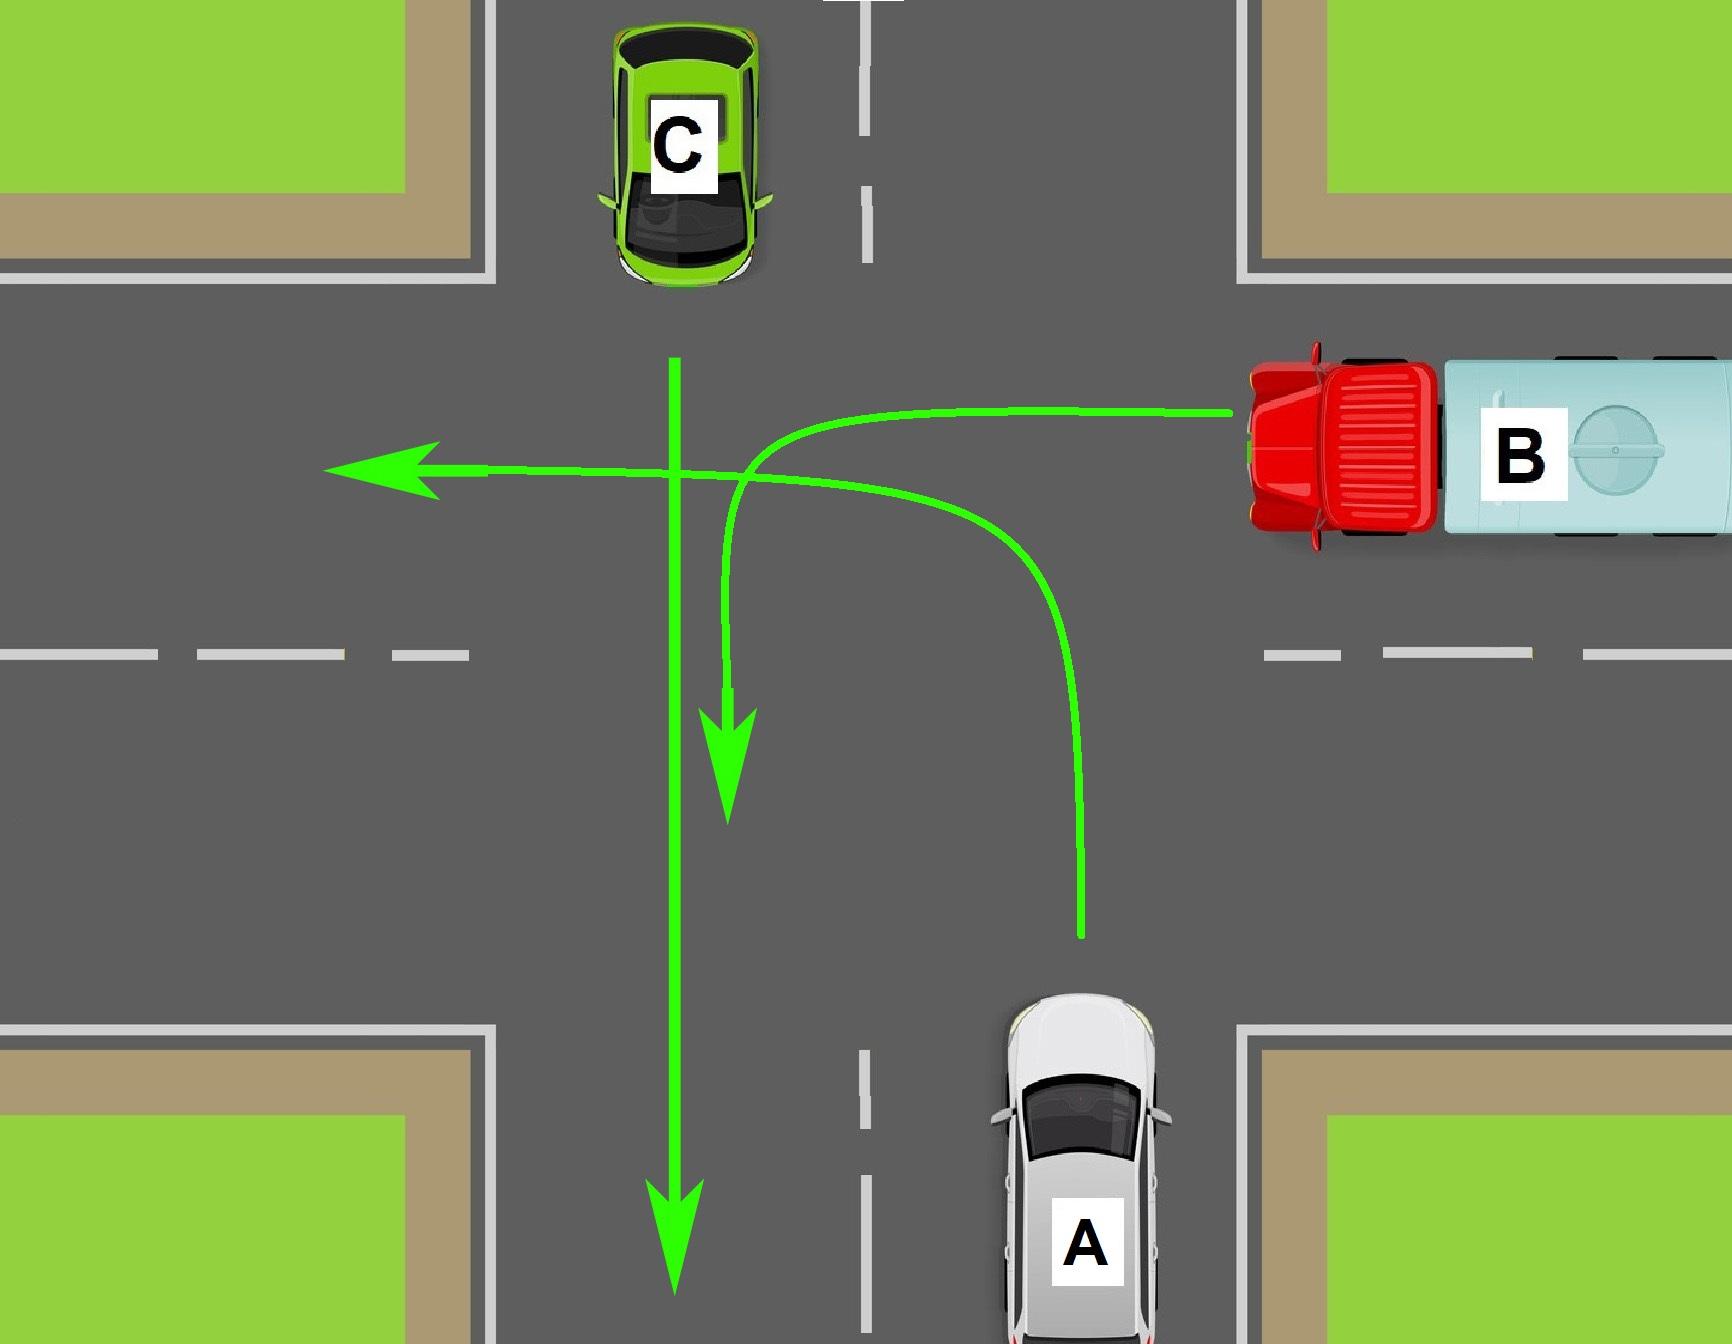 Az A jelű autót vezeted. Van-e elsőbbségadási kötelezettséged?